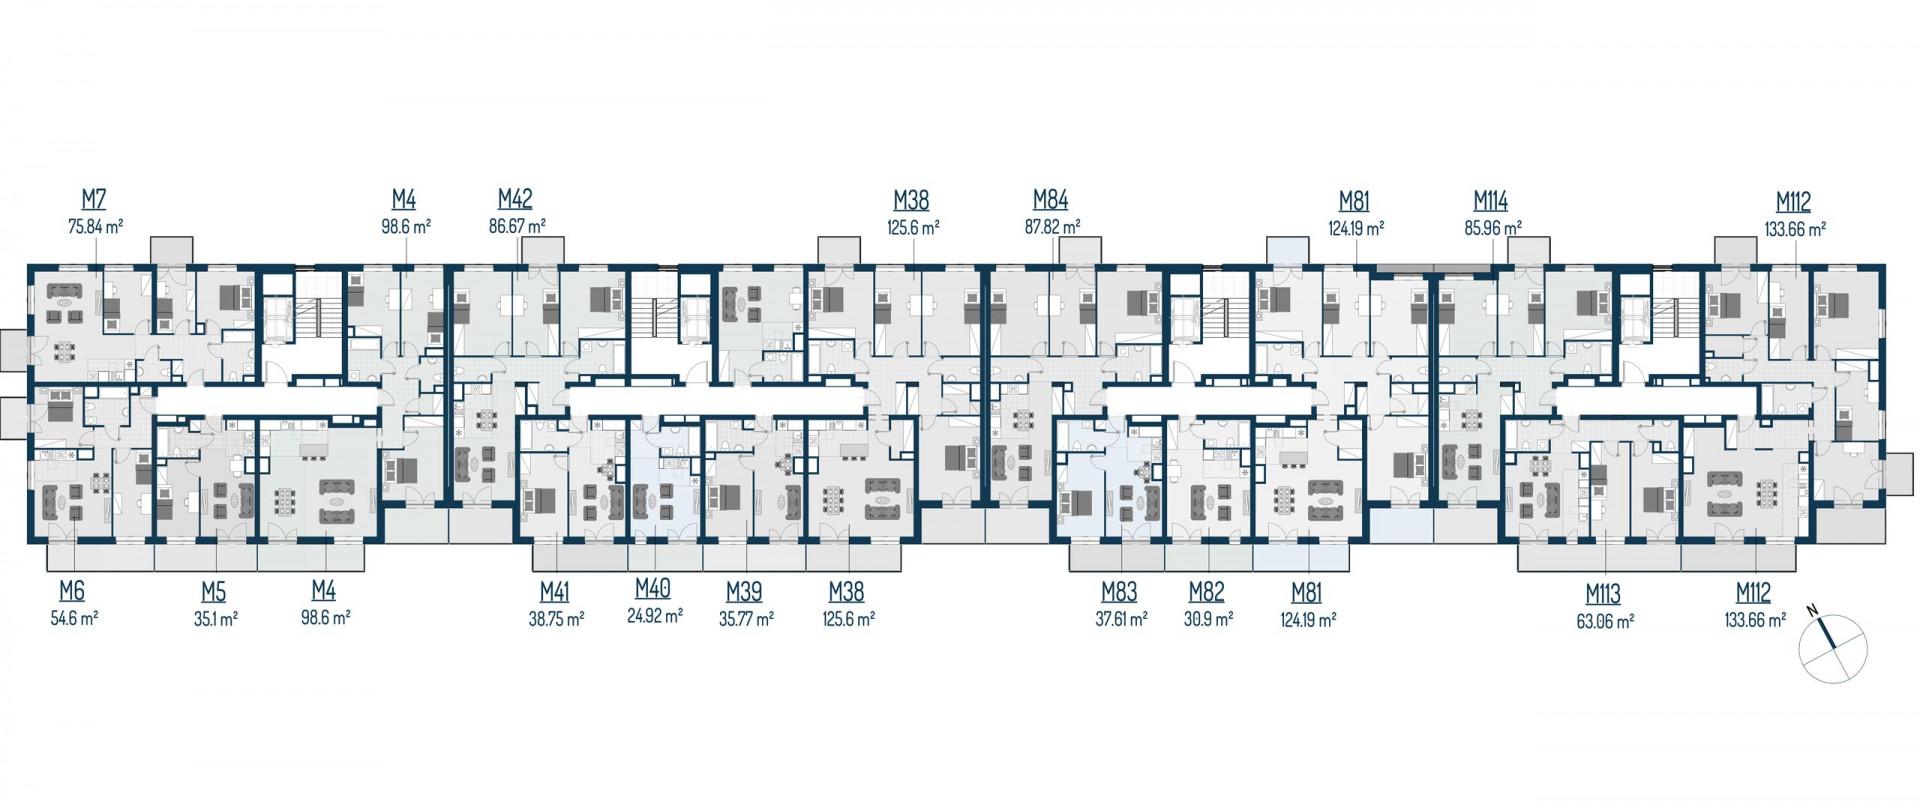 Zdrowe Stylove / budynek 2 / mieszkanie nr 114 rzut 2